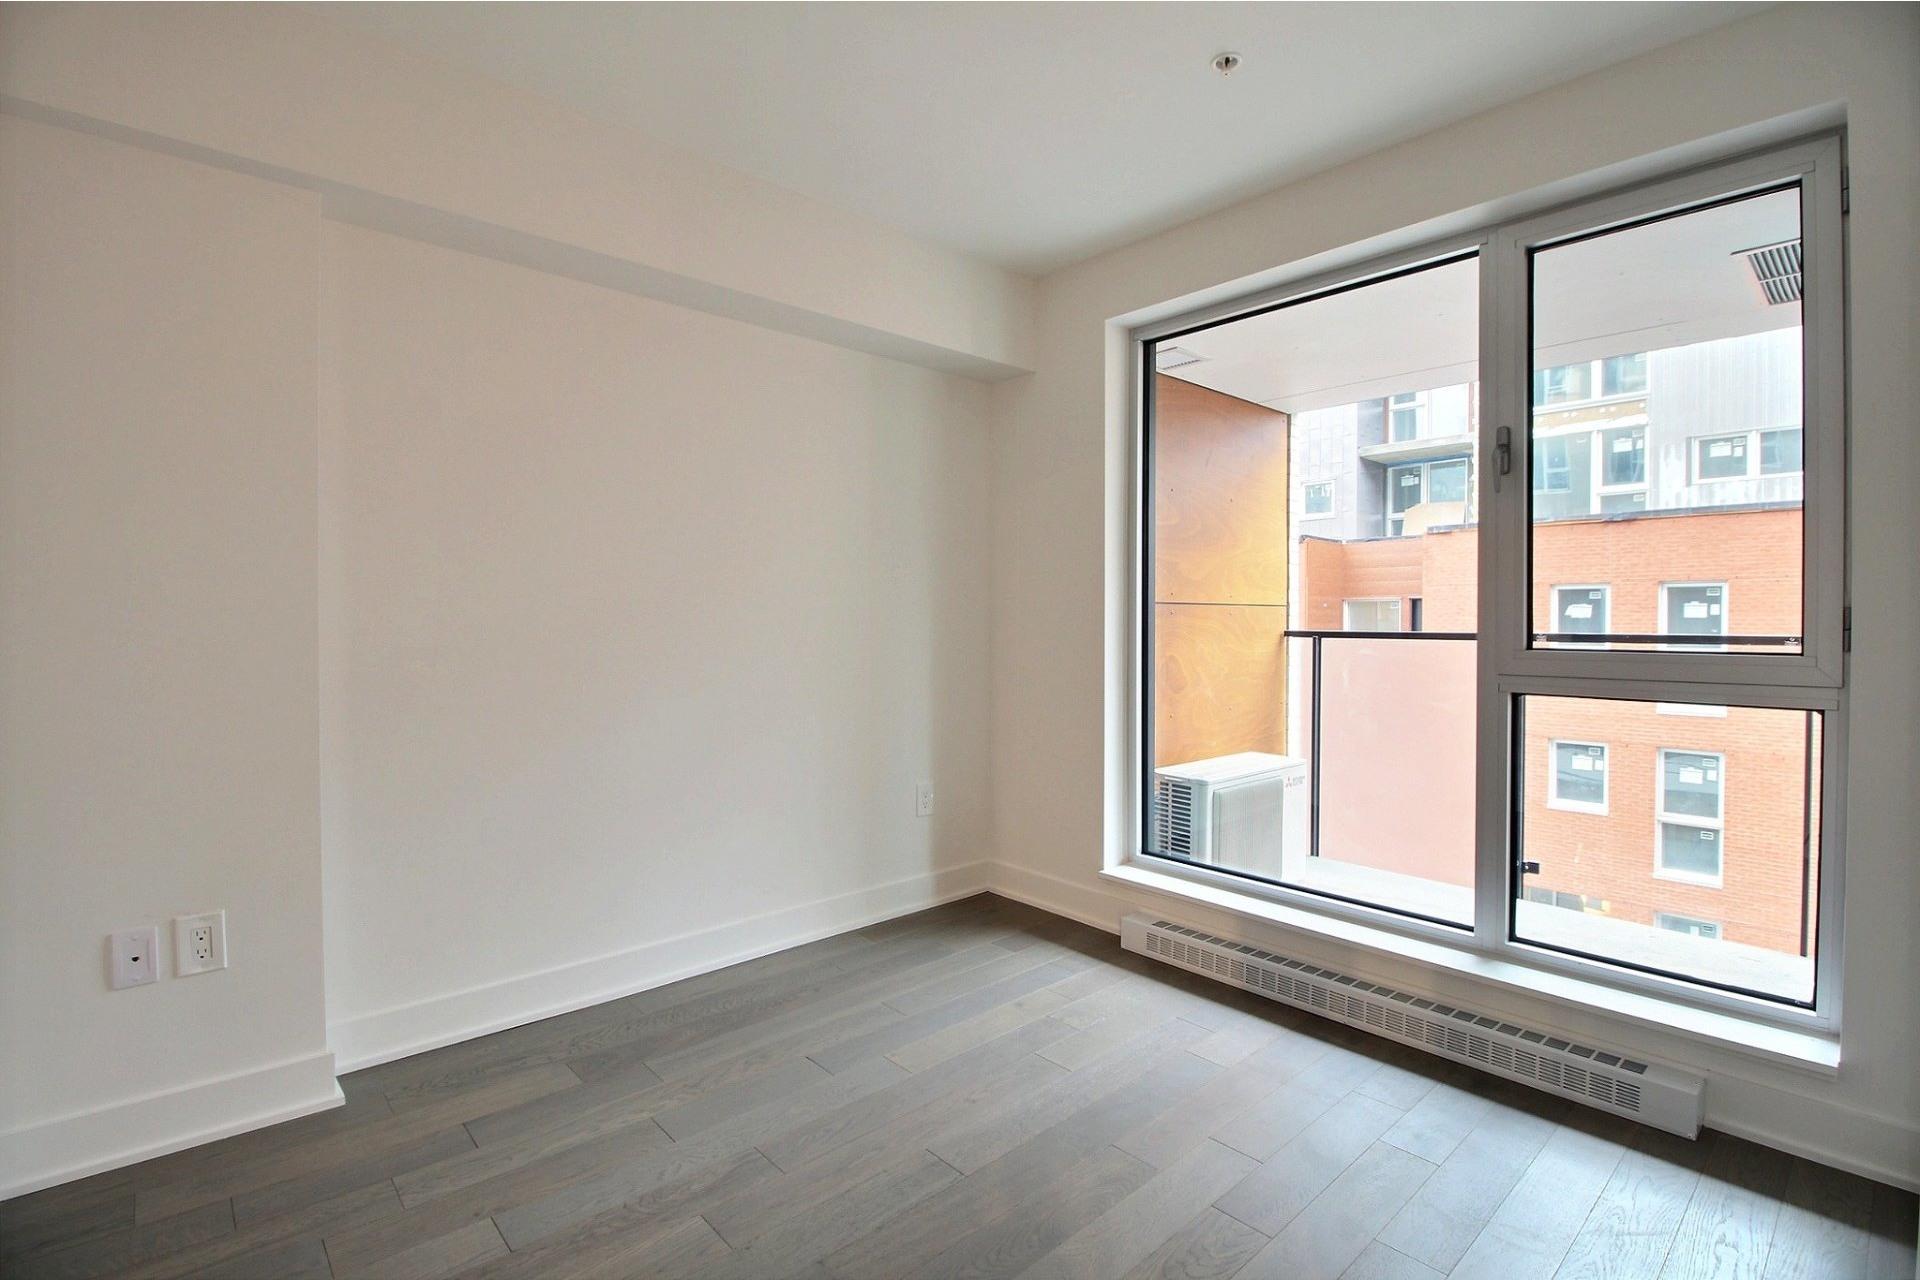 image 5 - Apartment For rent Montréal Le Sud-Ouest  - 4 rooms